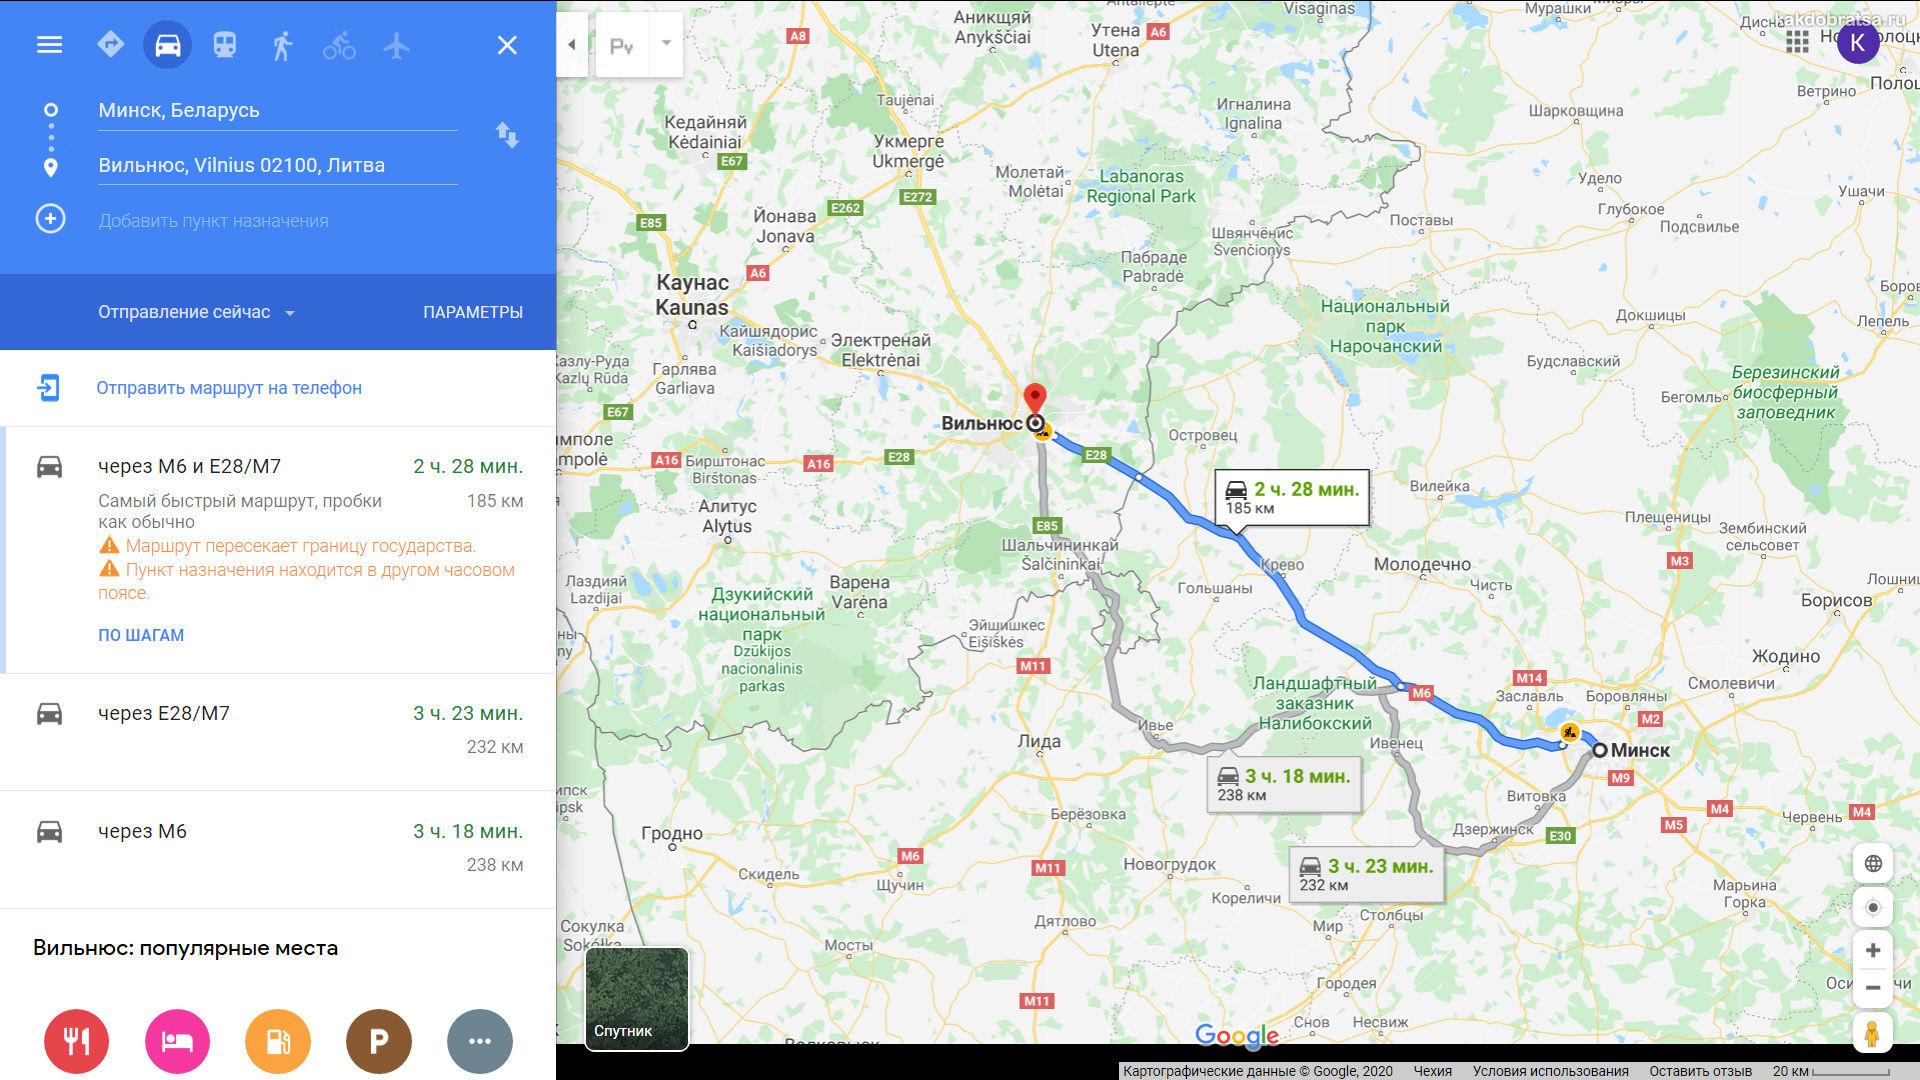 Как добраться из Минска в Вильнюс карта